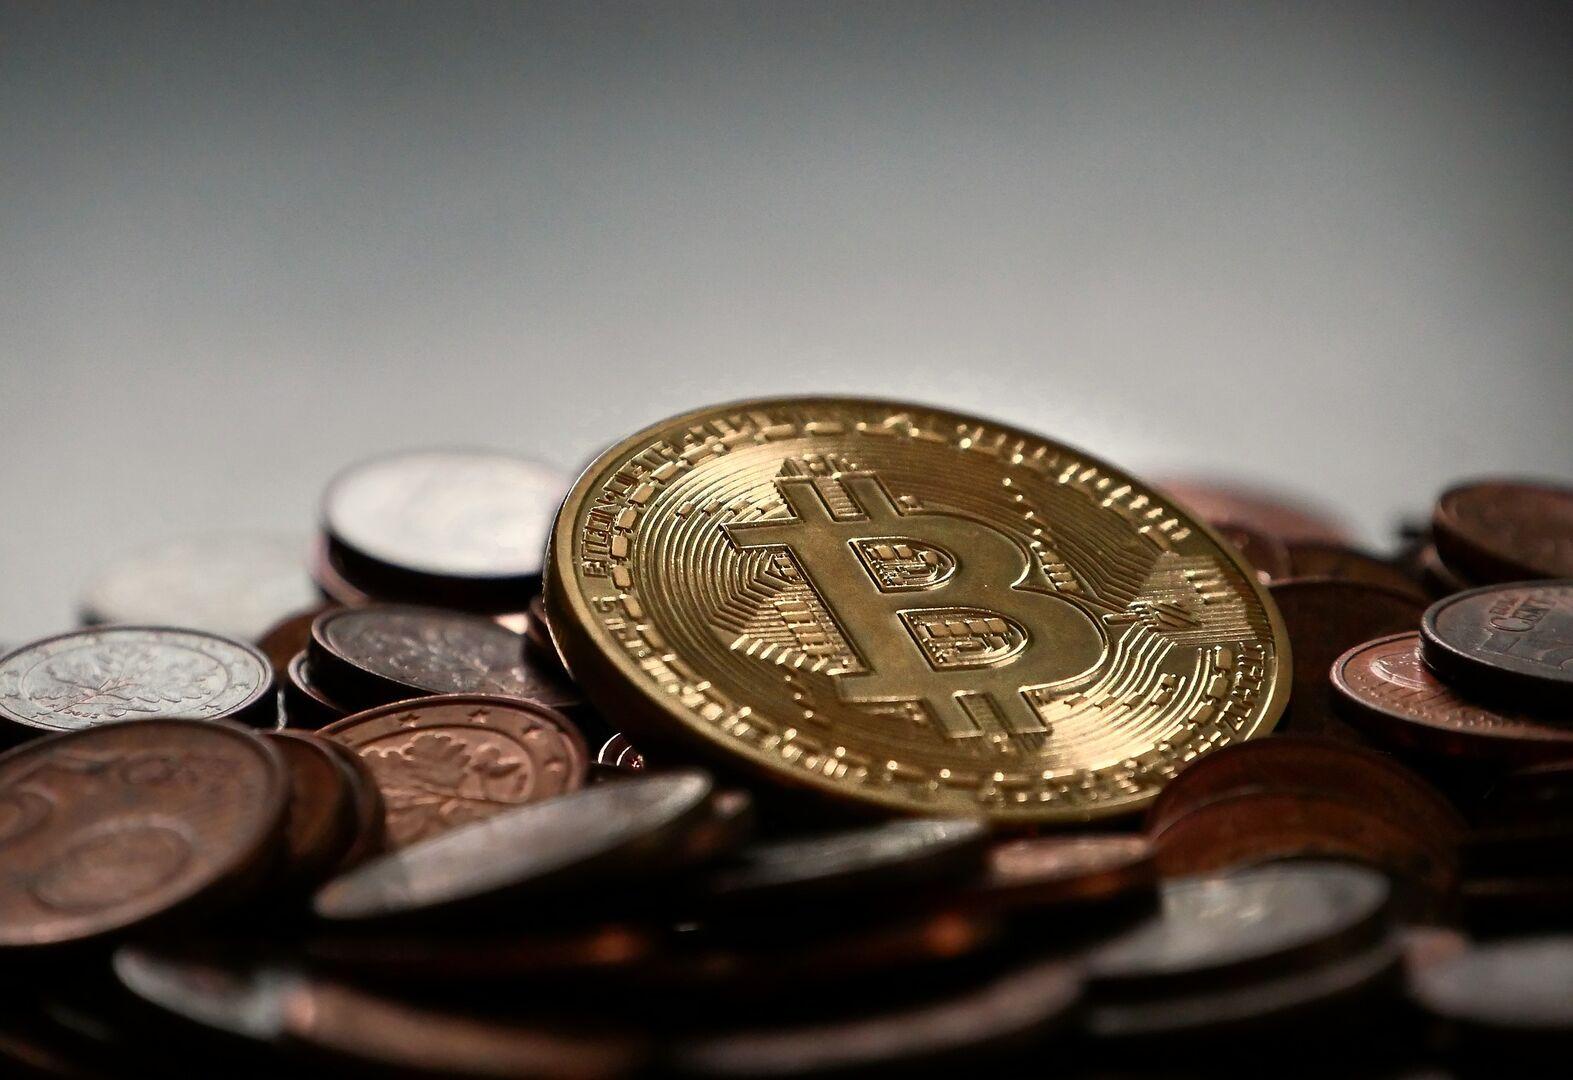 cc la bitcoin